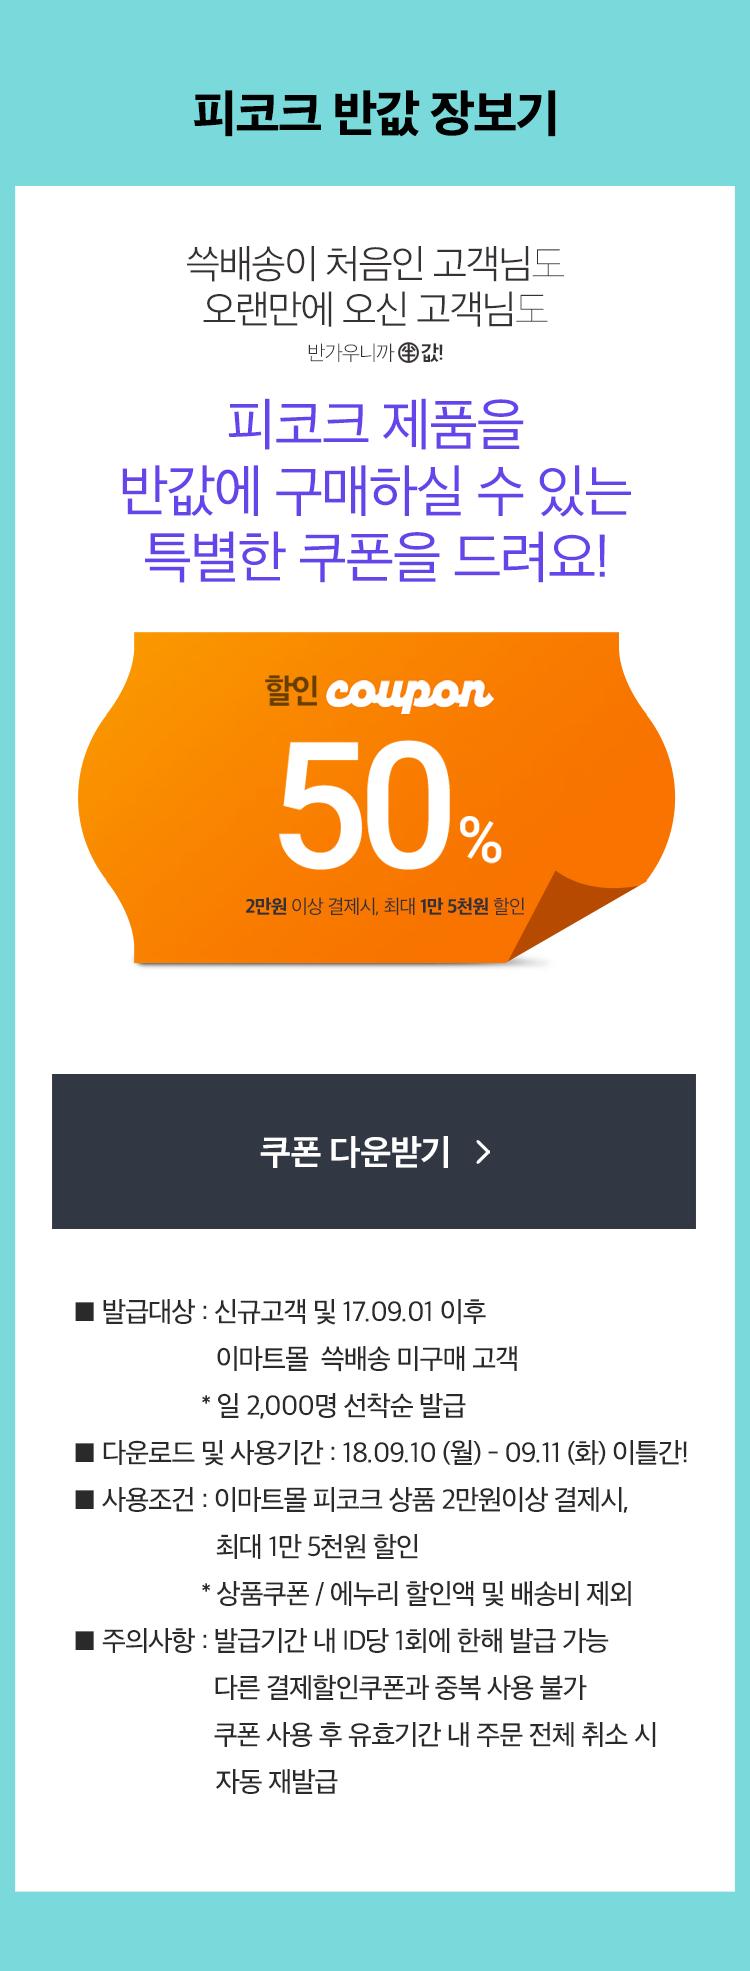 50% 할인쿠폰 (2만원 이상 결제시, 최대 1만 5천원 할인)